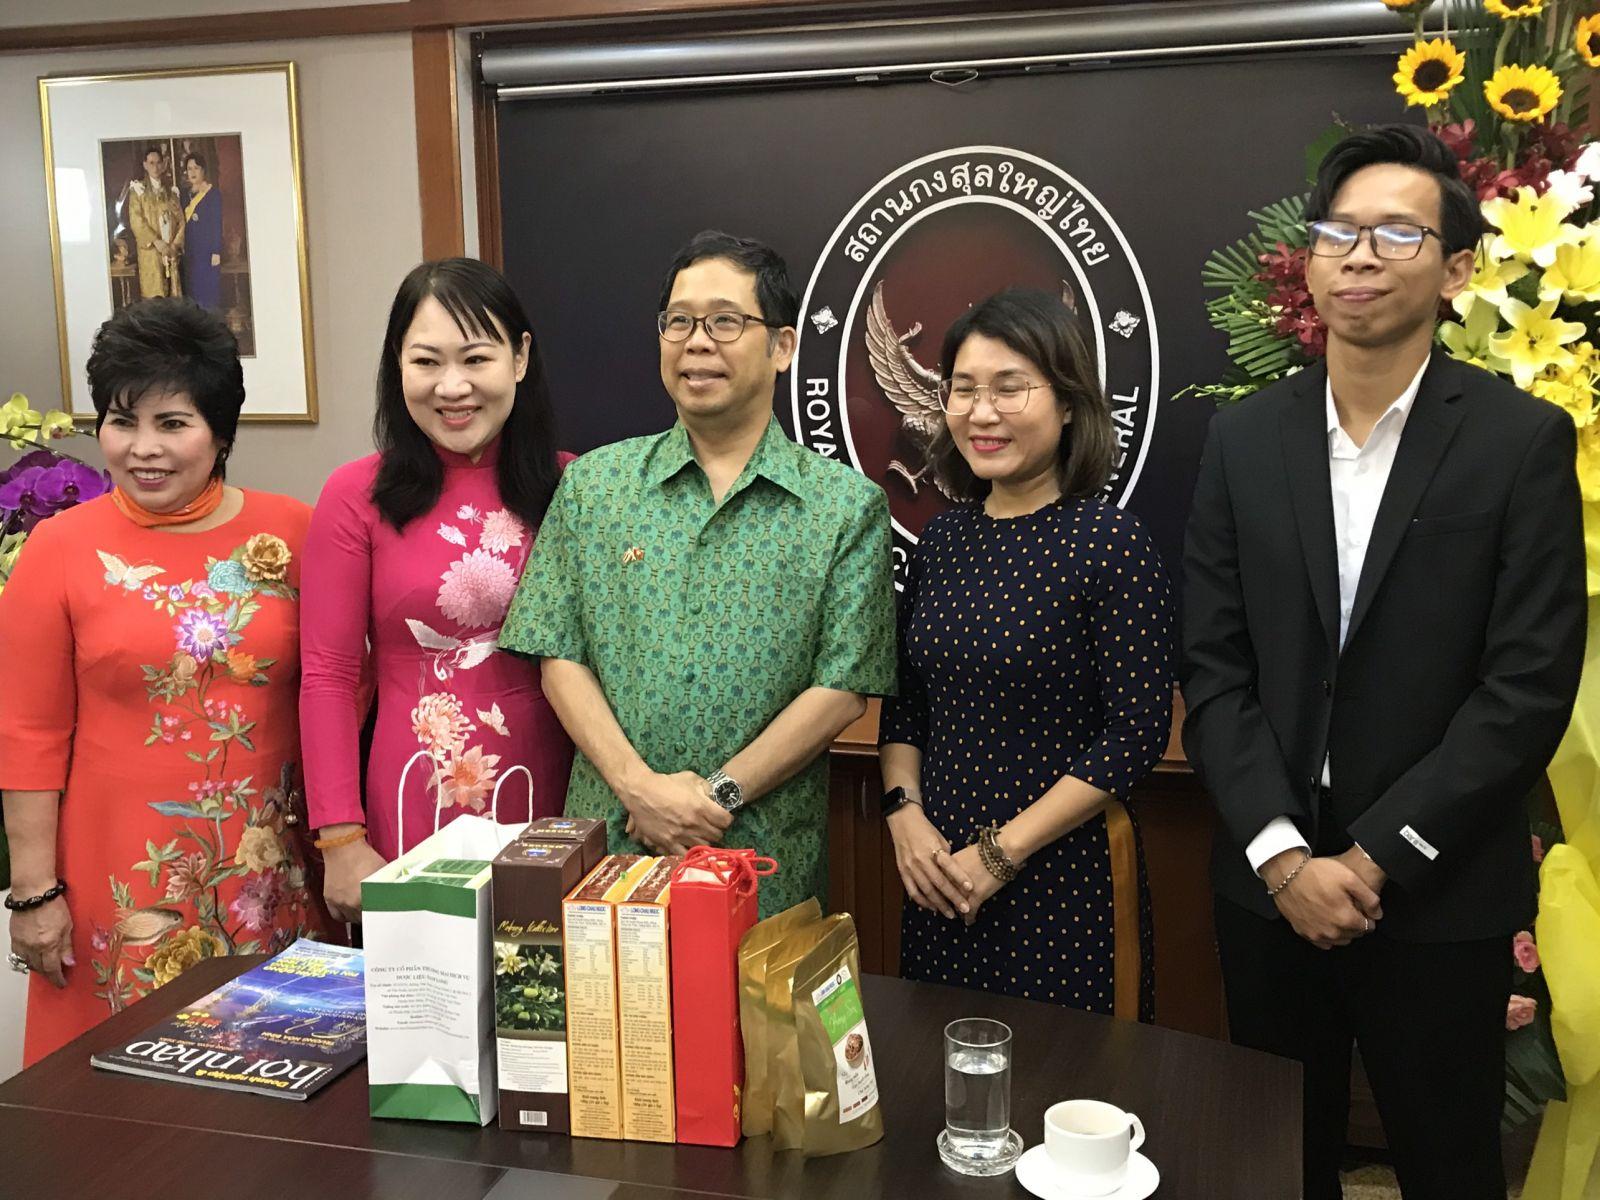 Từ trái qua phải: DN Lê Thị Giàu - Chủ tịch Bình Tây Foods; PGS-TS. Phan Hồng Xuân; ông Apirat Sugondhabhirom - Tổng lãnh sự Vương quốc Thái Lan tại TP.HCM; Bà